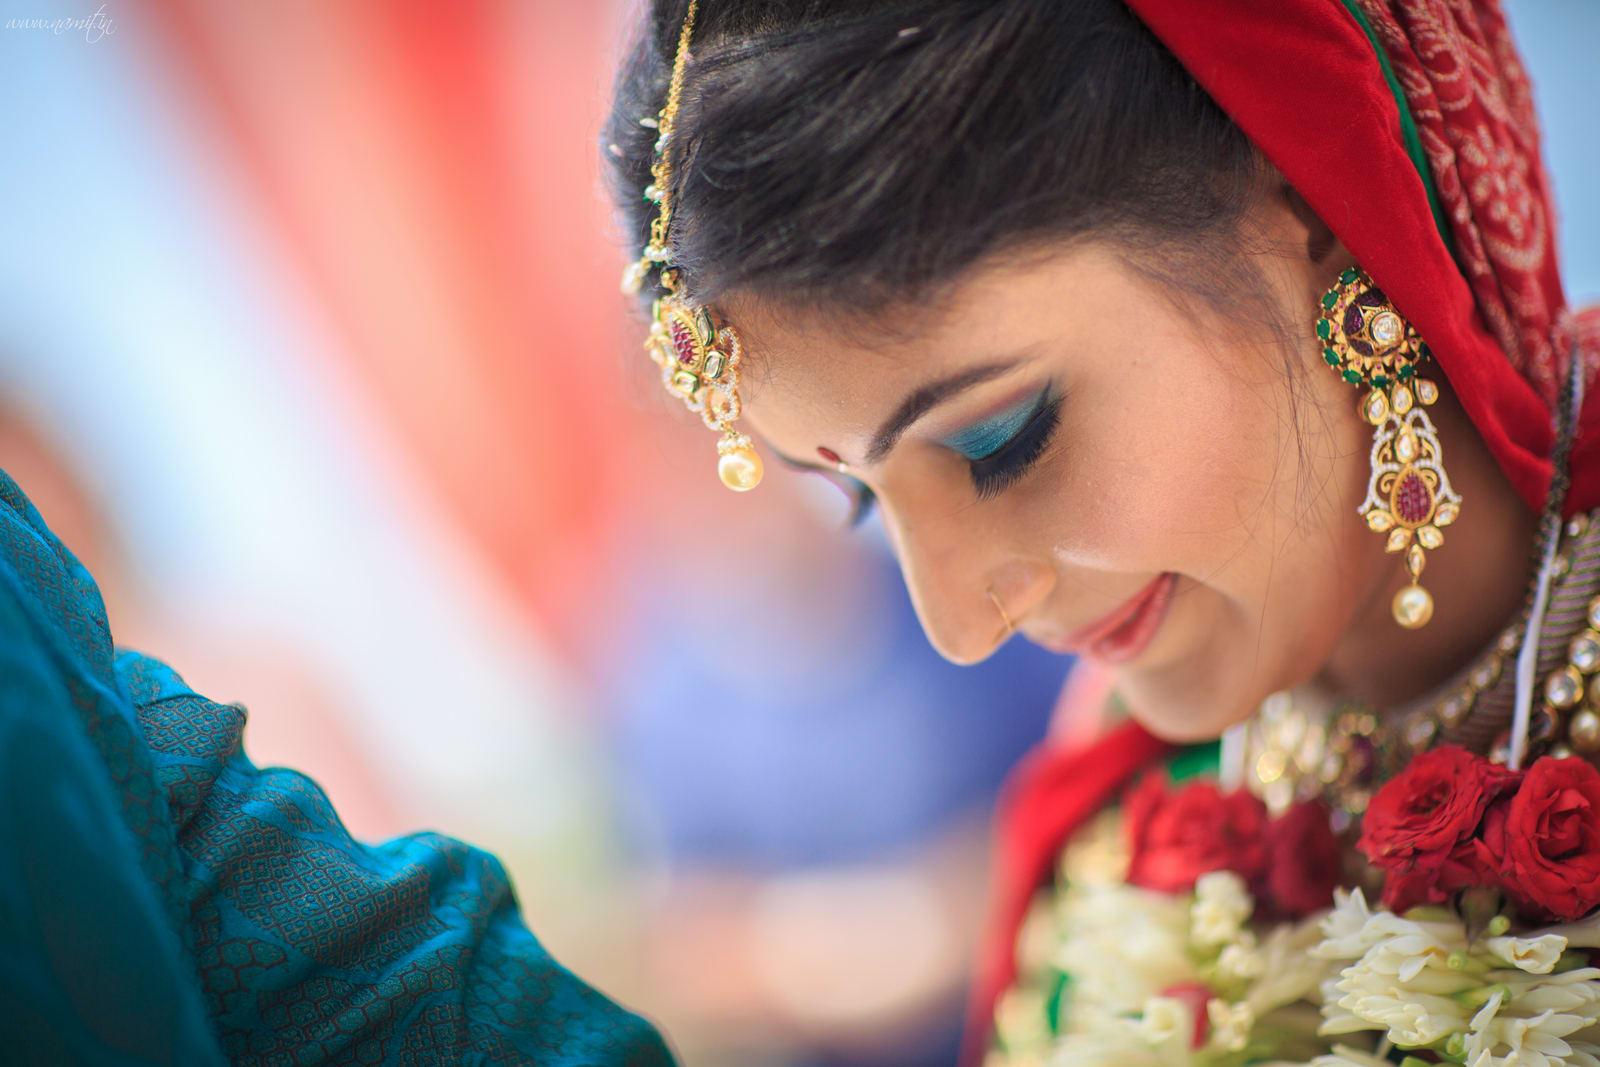 bridal click:namit narlawar photography